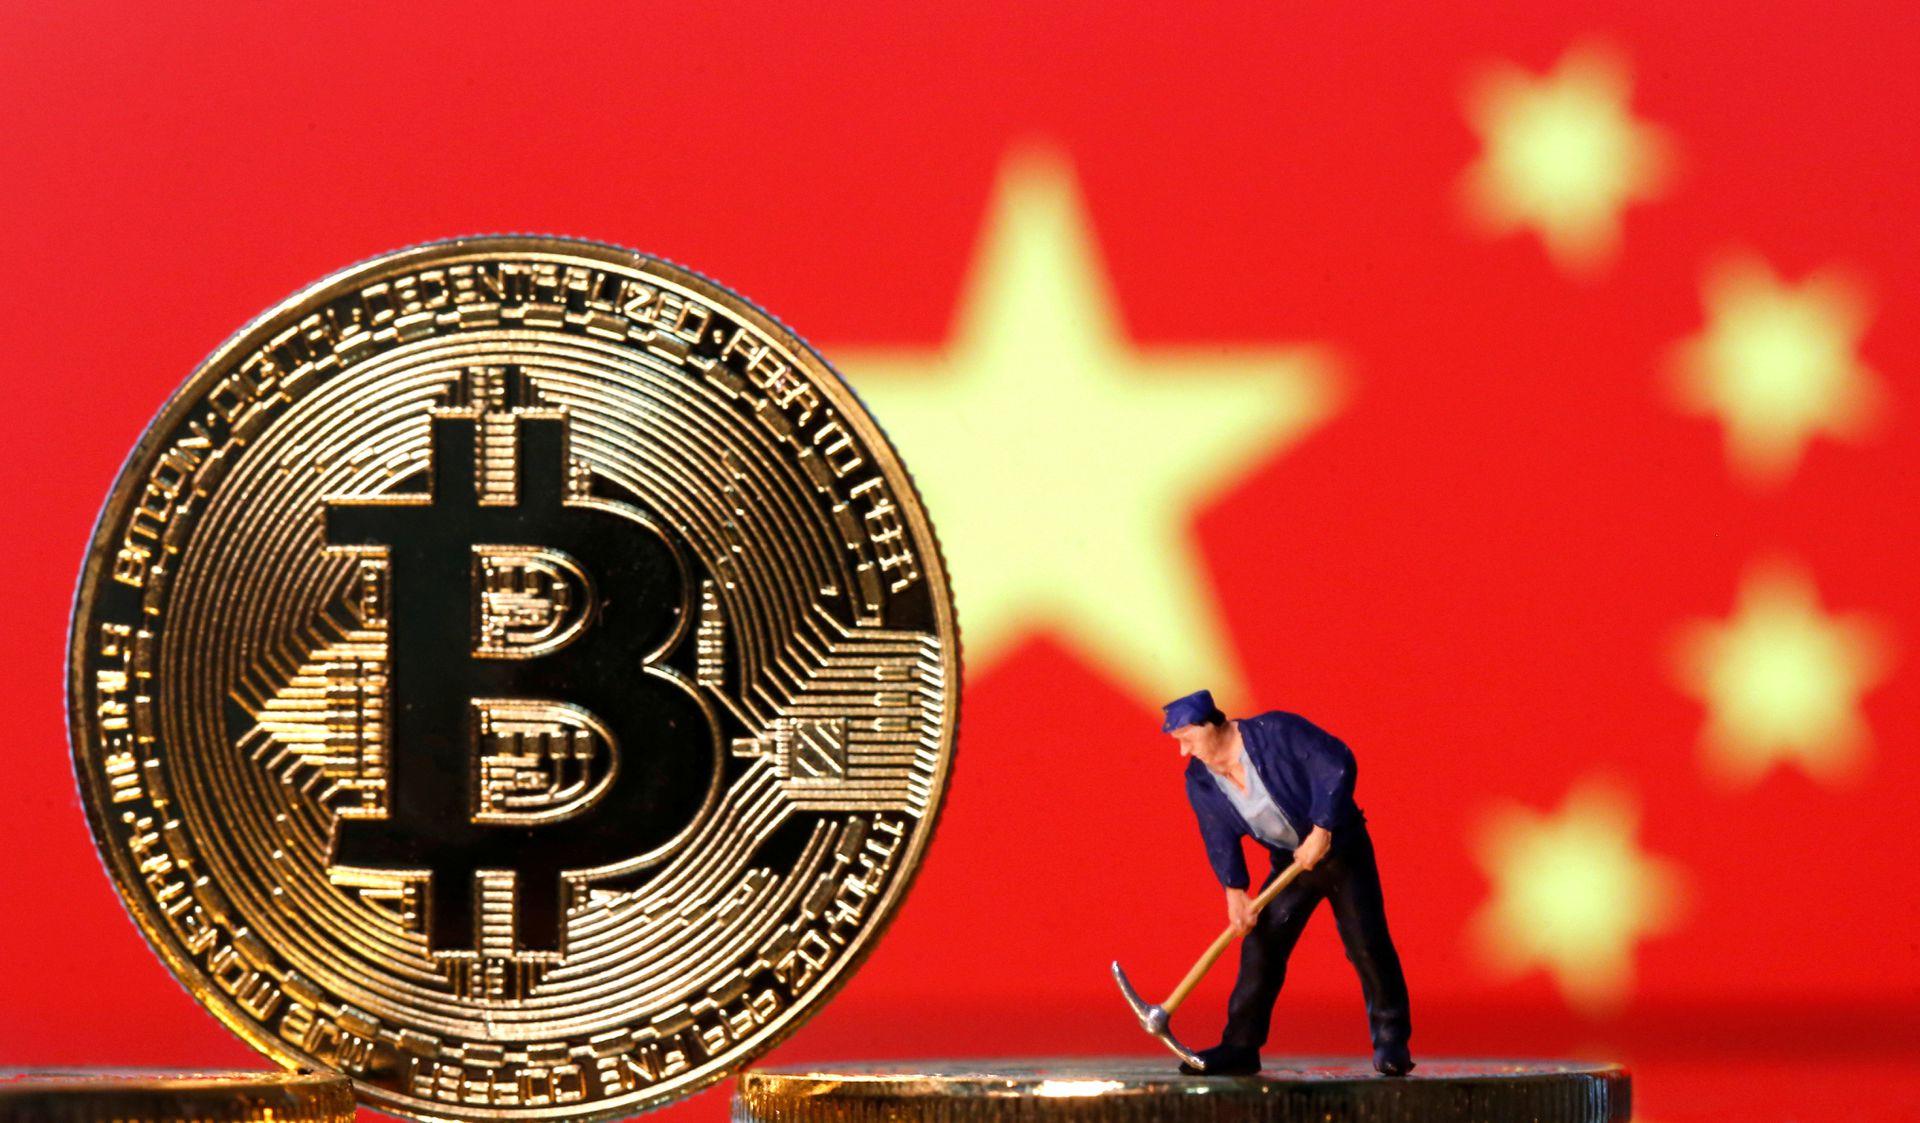 چین تبادل رمزارز برای نهادهای مالی و فینتکها را ممنوع اعلام کرد